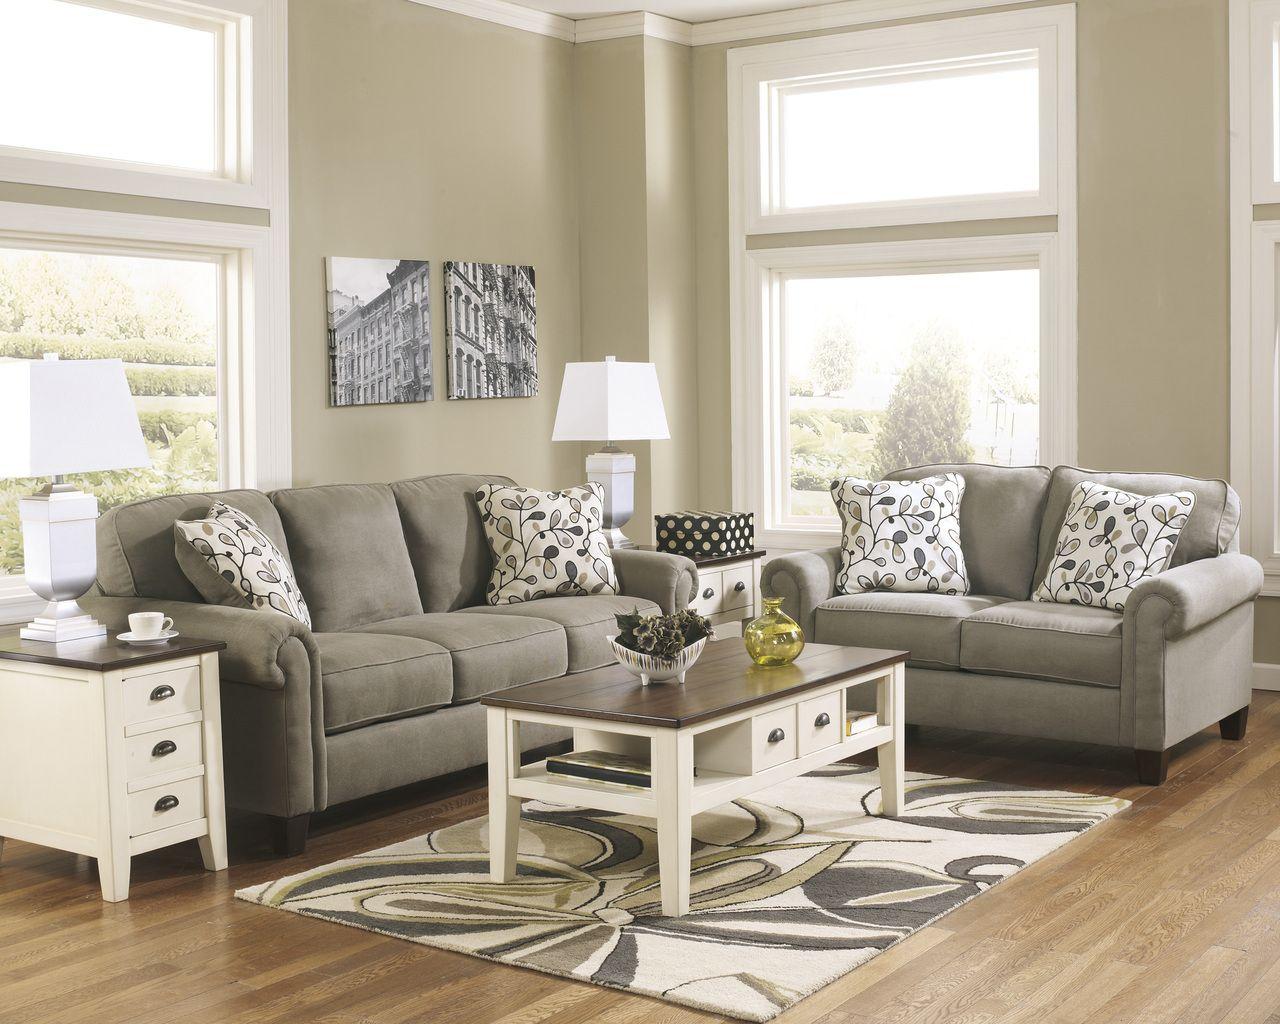 Gusti Dusk Sofa And Loveseat Marjen Of Chicago Chicago Discount Furniture Decoracion De Interiores Oficinas De Diseno Decoracion De Unas